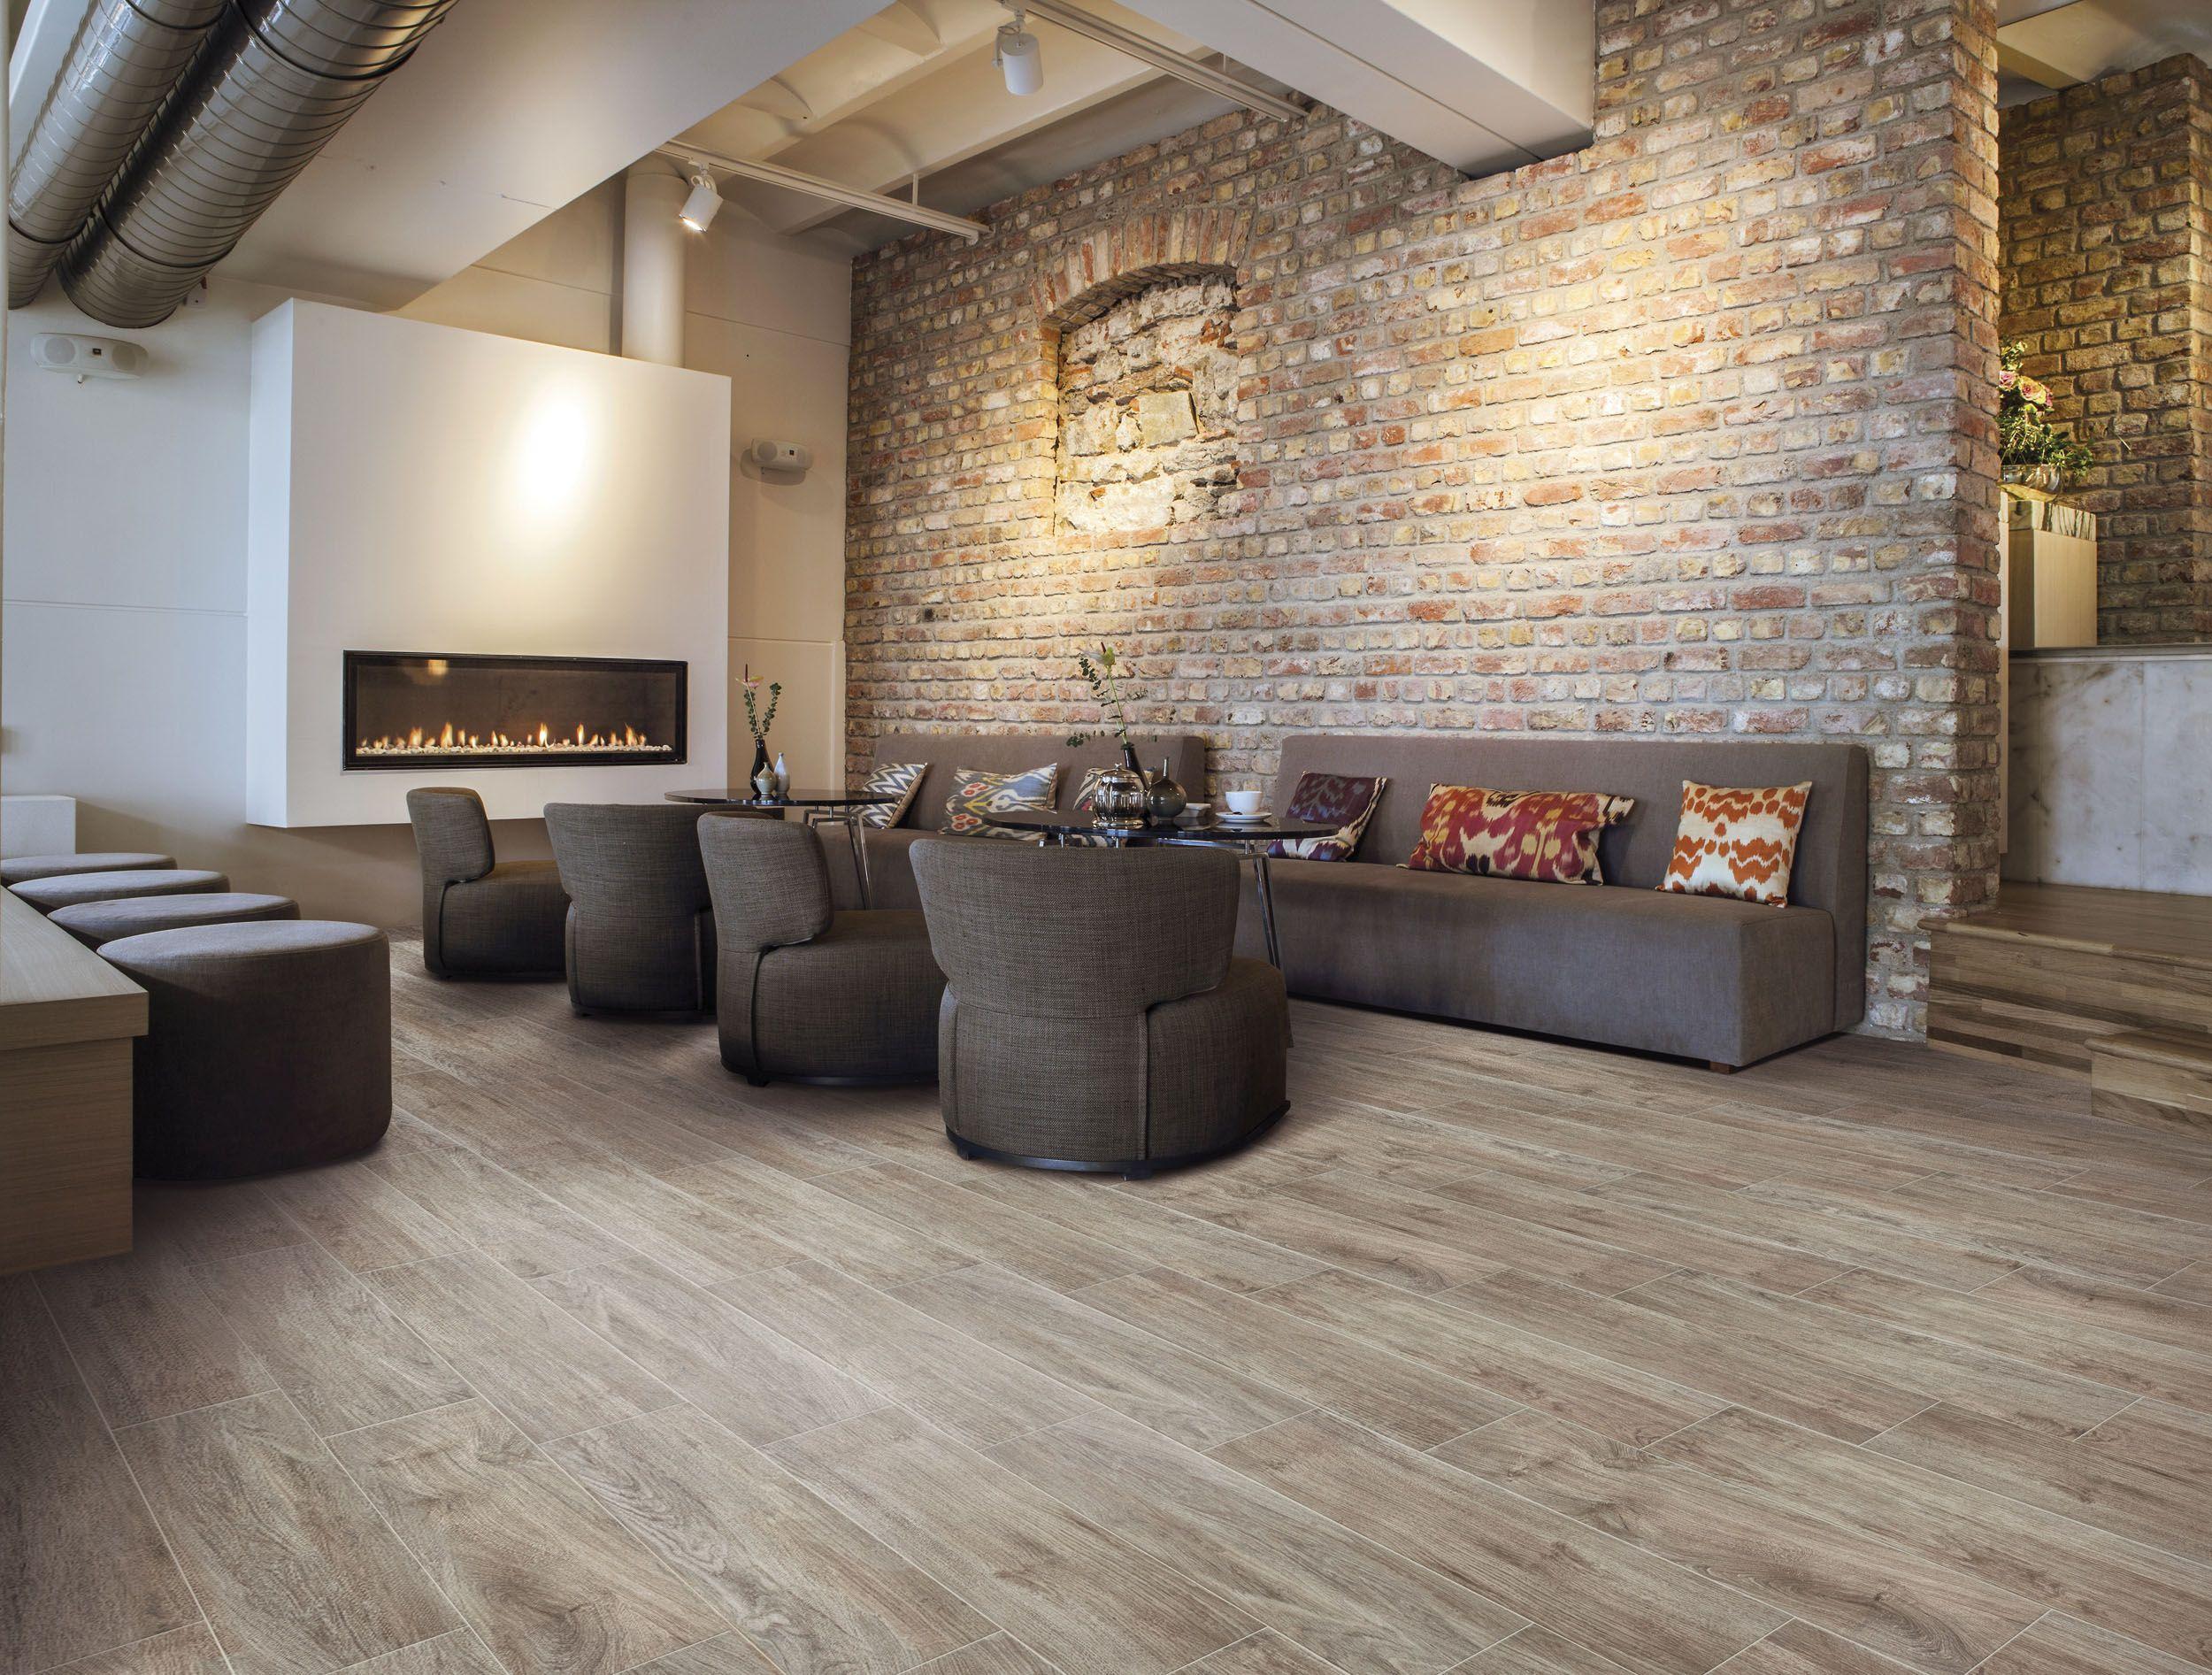 carrelage tendance bois essenze vm carrelage. Black Bedroom Furniture Sets. Home Design Ideas